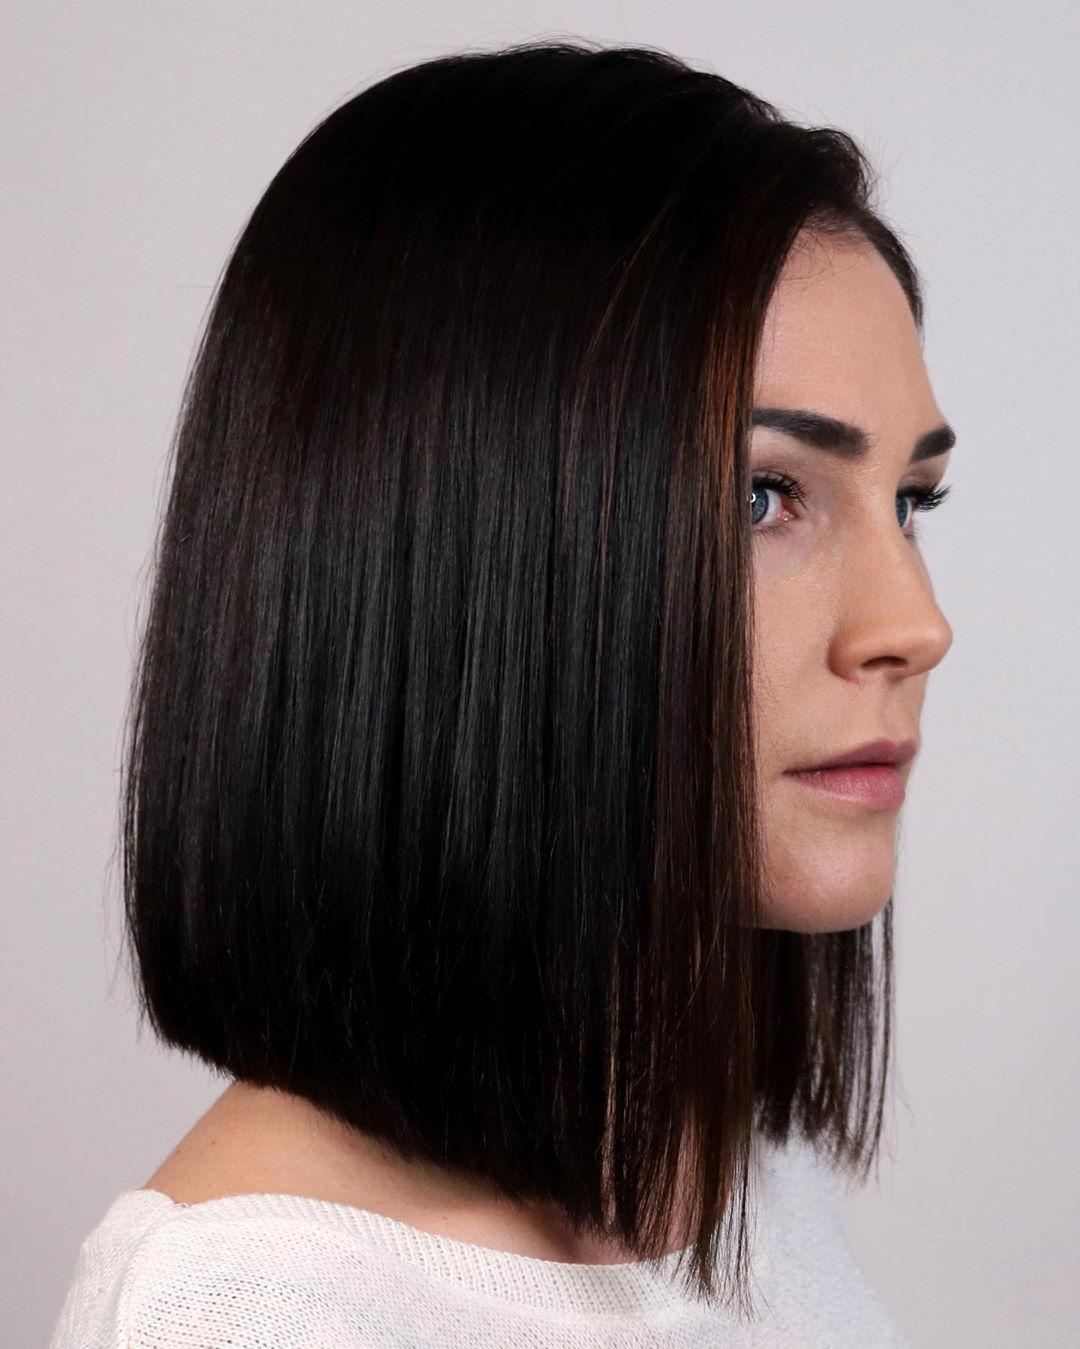 Taglio di capelli inclinato a punta smussata